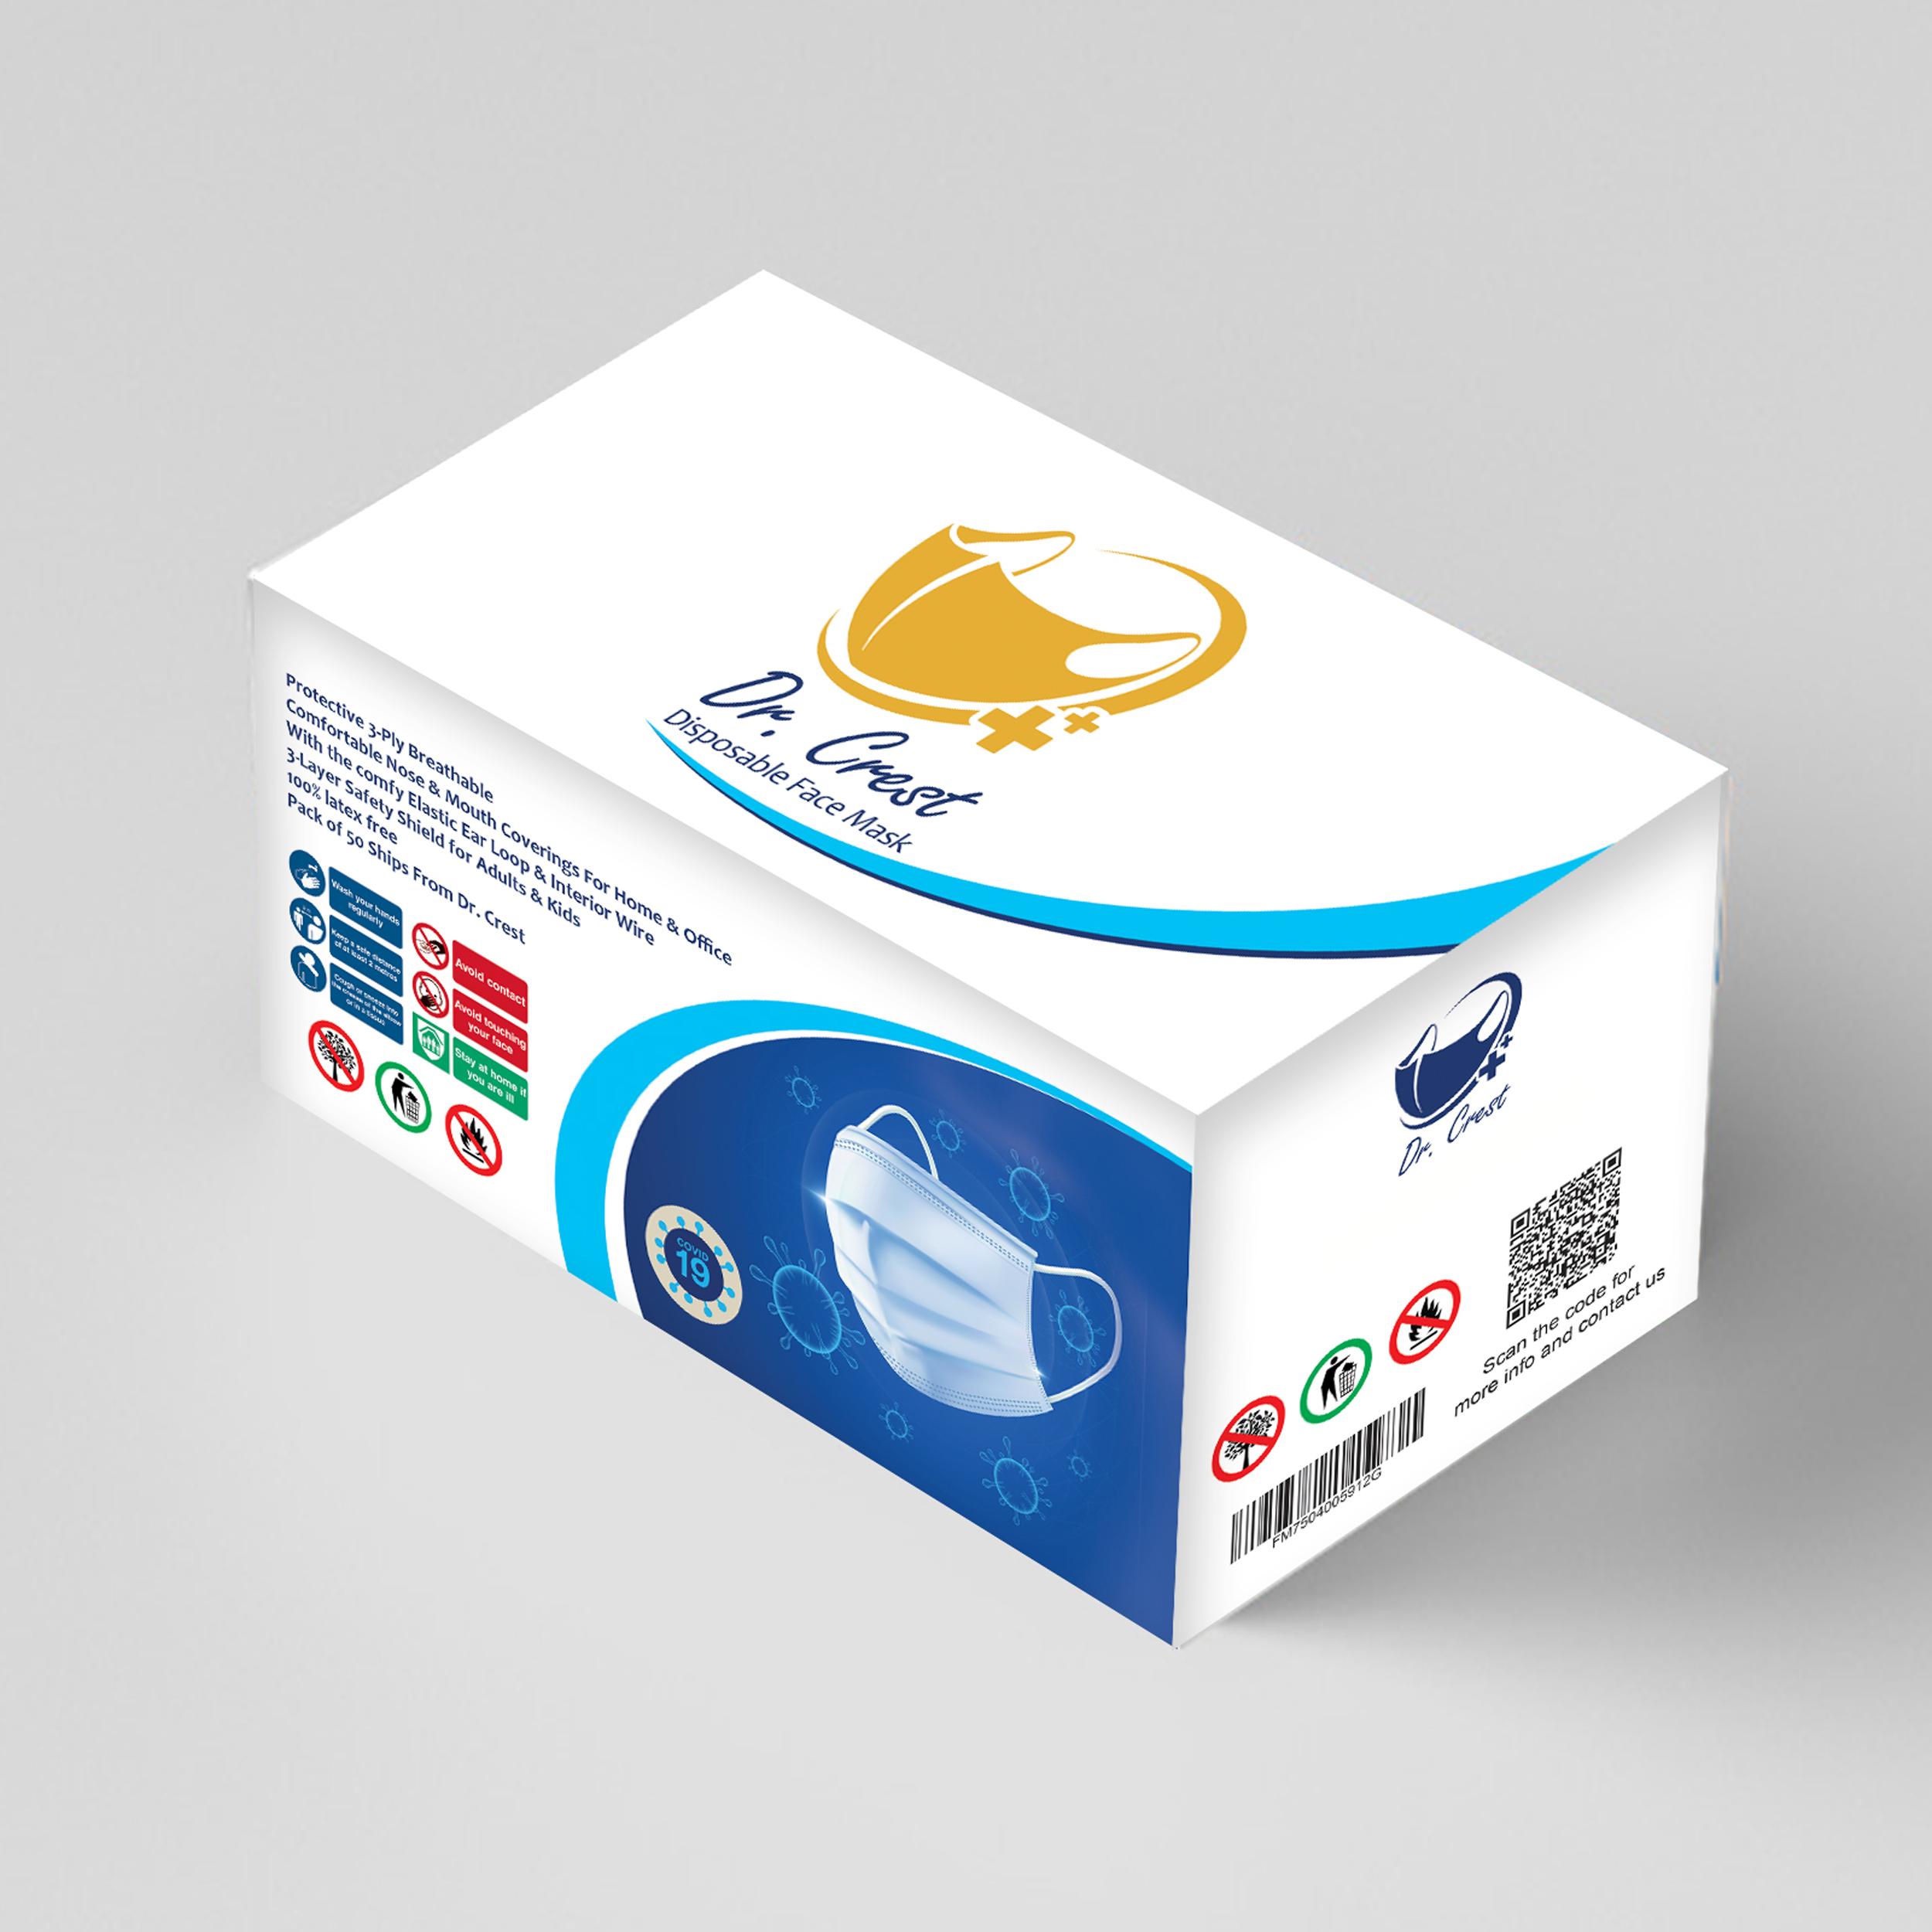 ماسک تنفسی دکتر کرست مدل Dr-c50 بسته 200 عددی ( 4 جعبه 50 عددی )